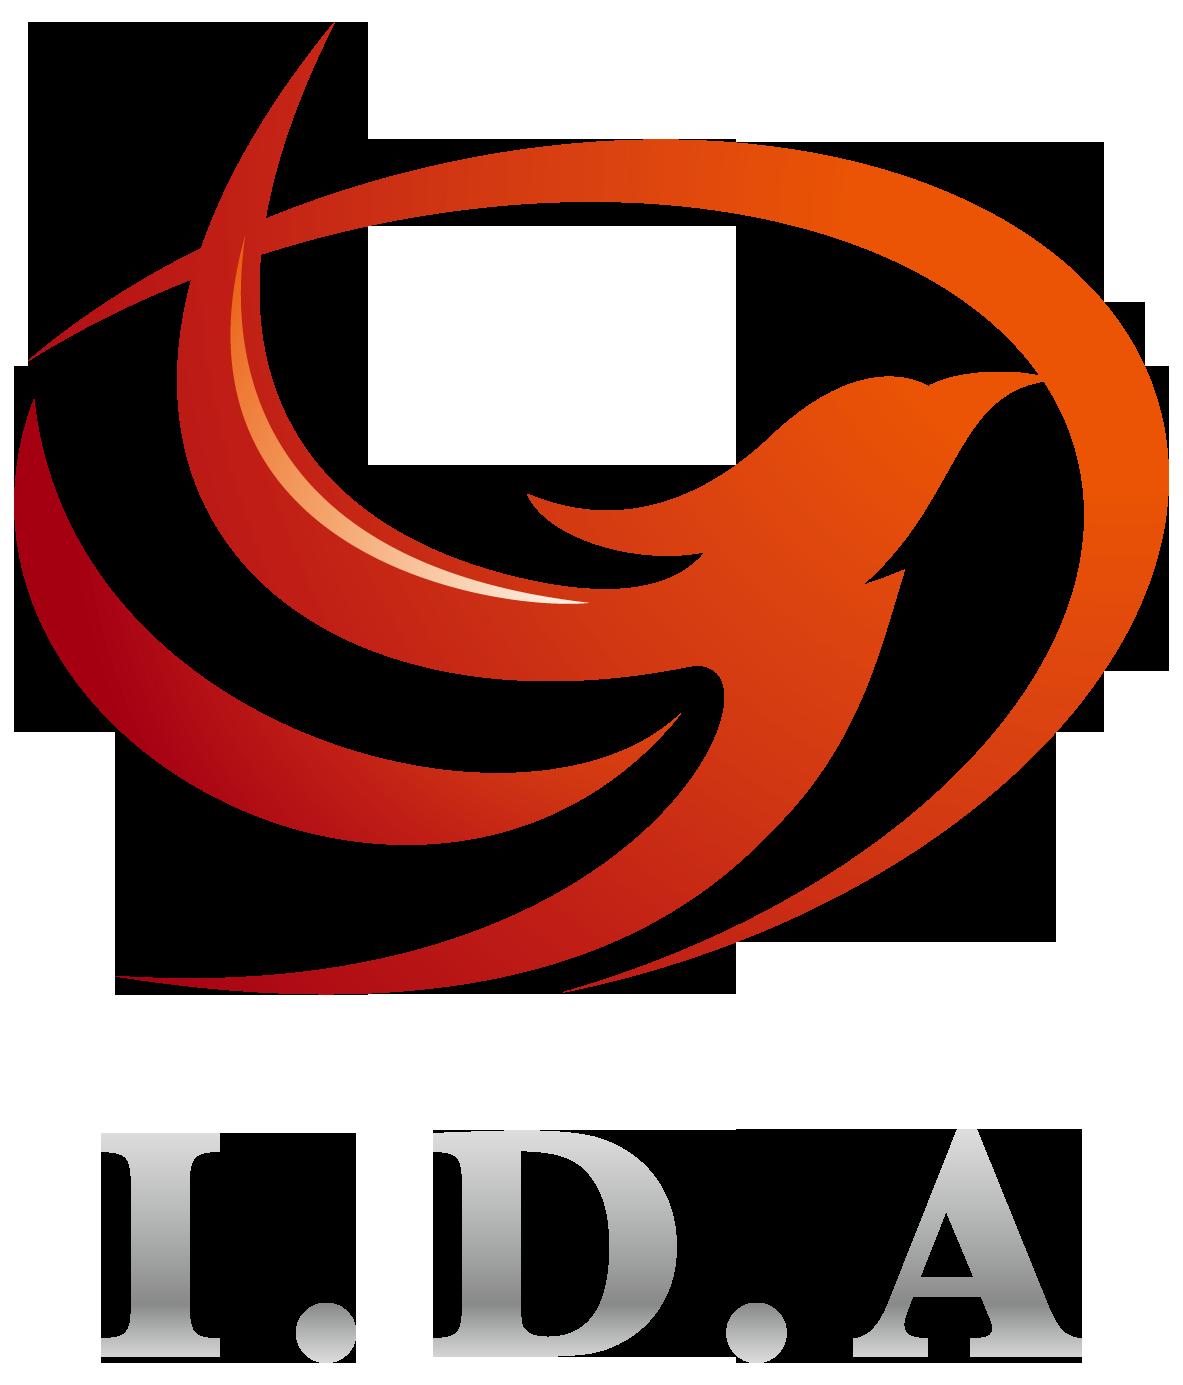 人材系サービスとシンプルと赤のロゴ